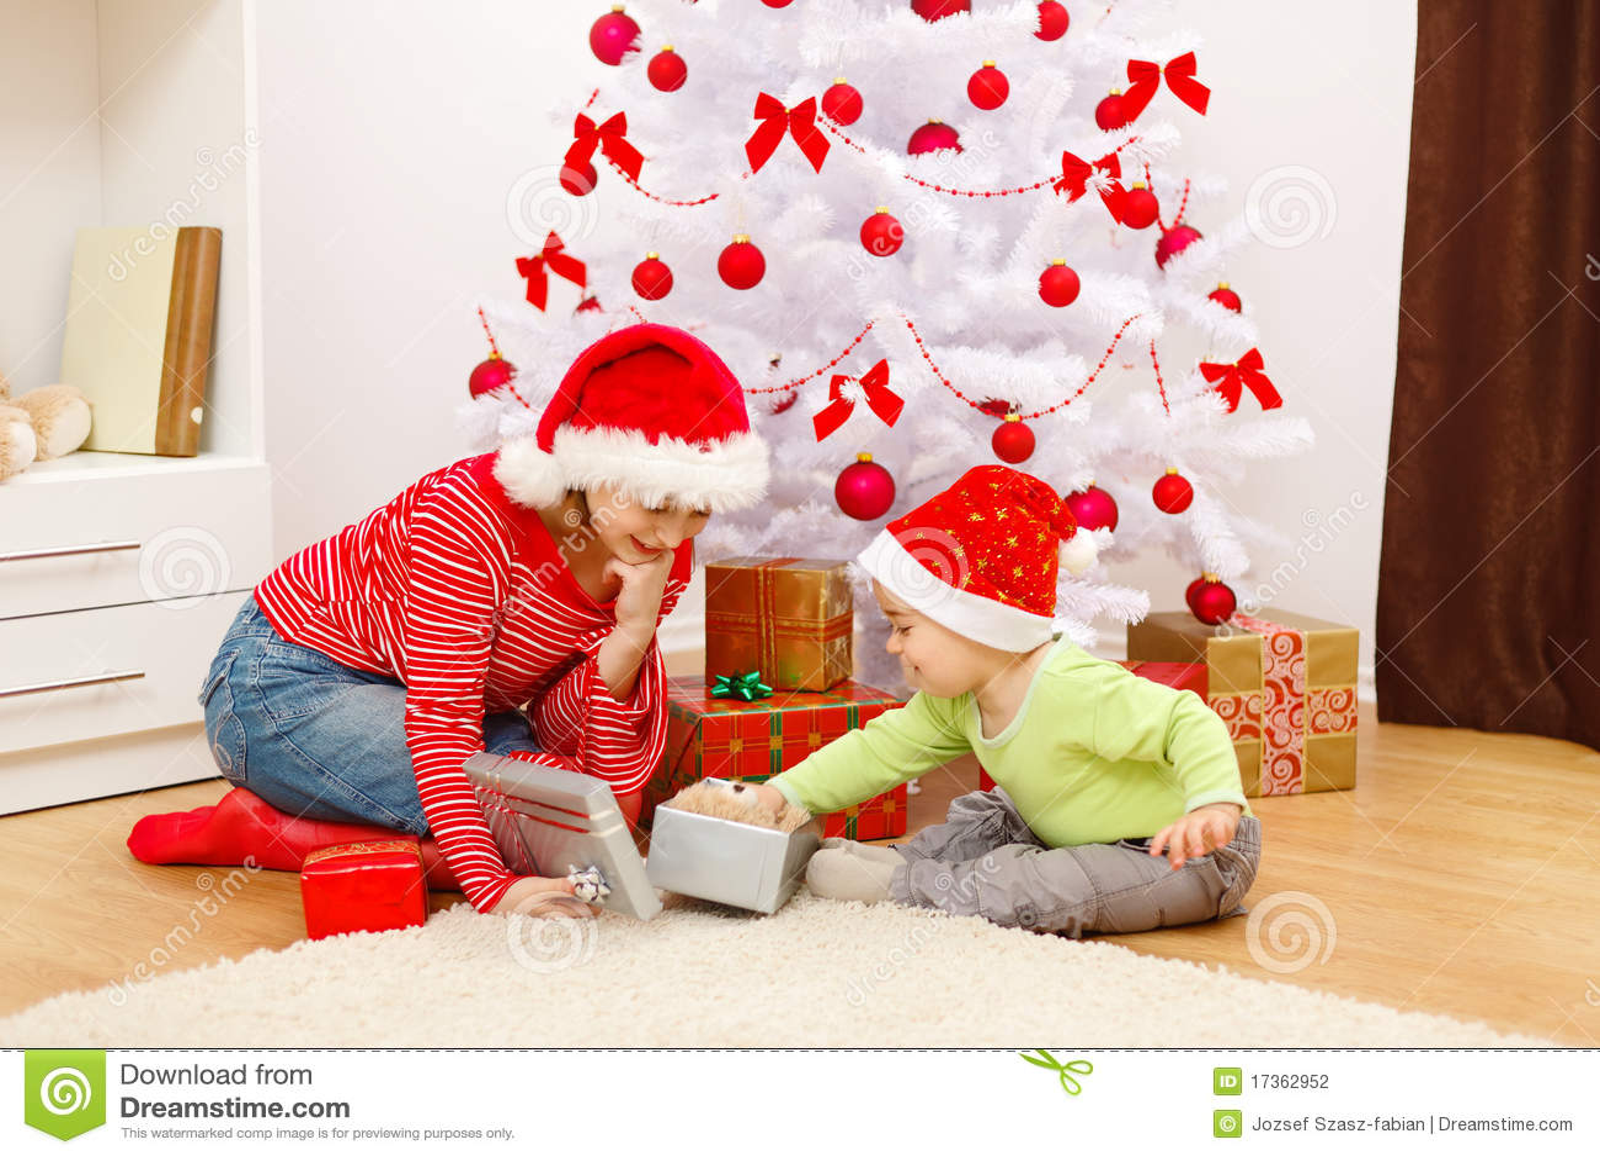 Kinder, Die Geschenke Im Weihnachten öffnen Stockfoto - Bild von ...